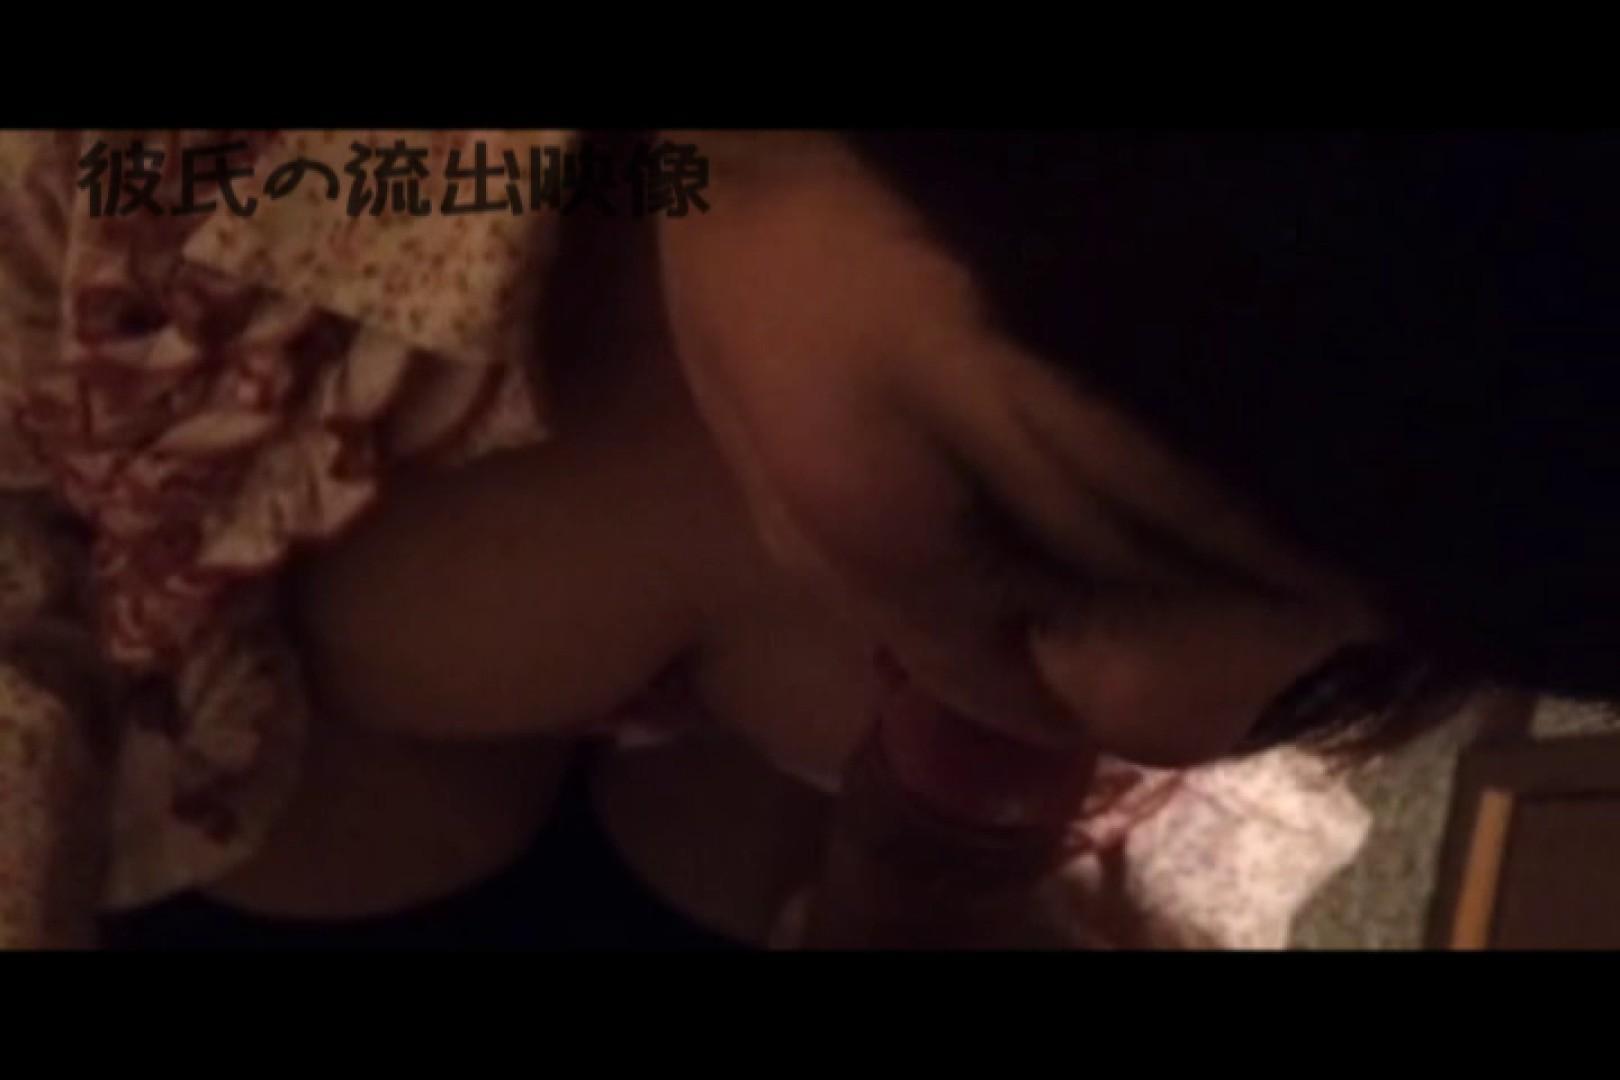 彼氏が流出 パイパン素人嬢のハメ撮り映像03 カップル | 可愛いパイパン  92pic 53